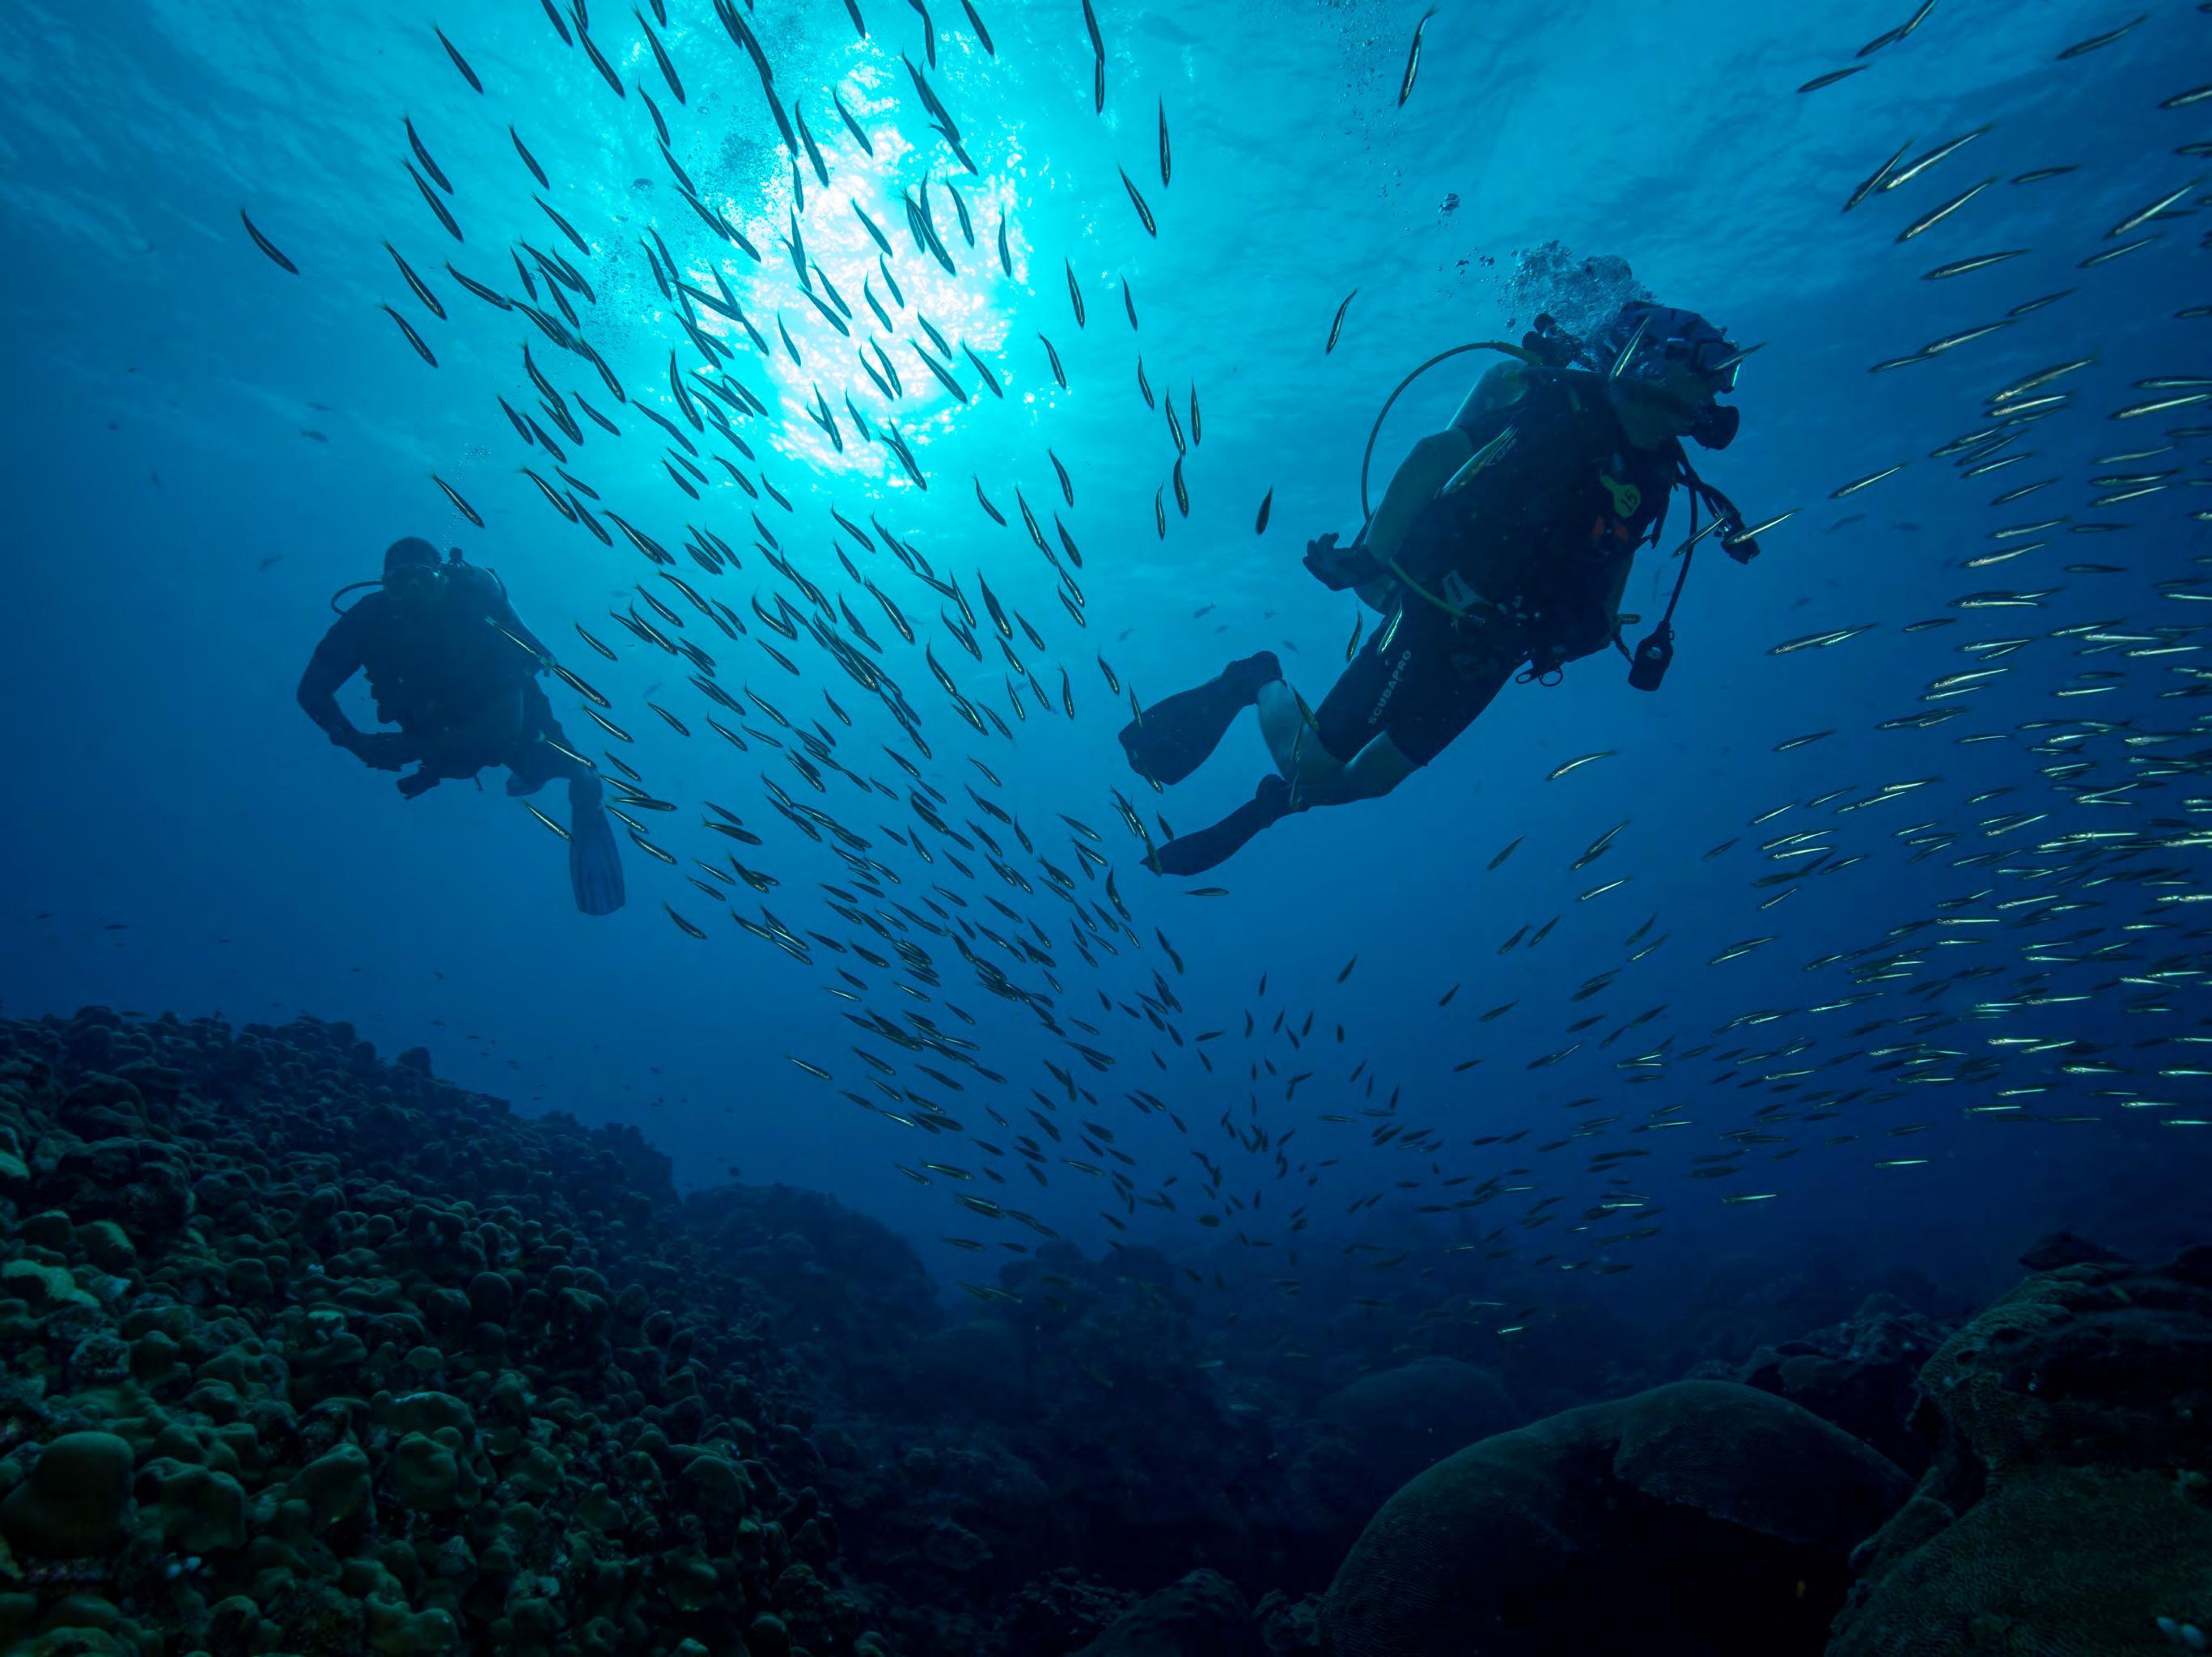 Page 28 of Снег наоборот. Размножение кораллов в Месиканском заливе. Беата Лерман